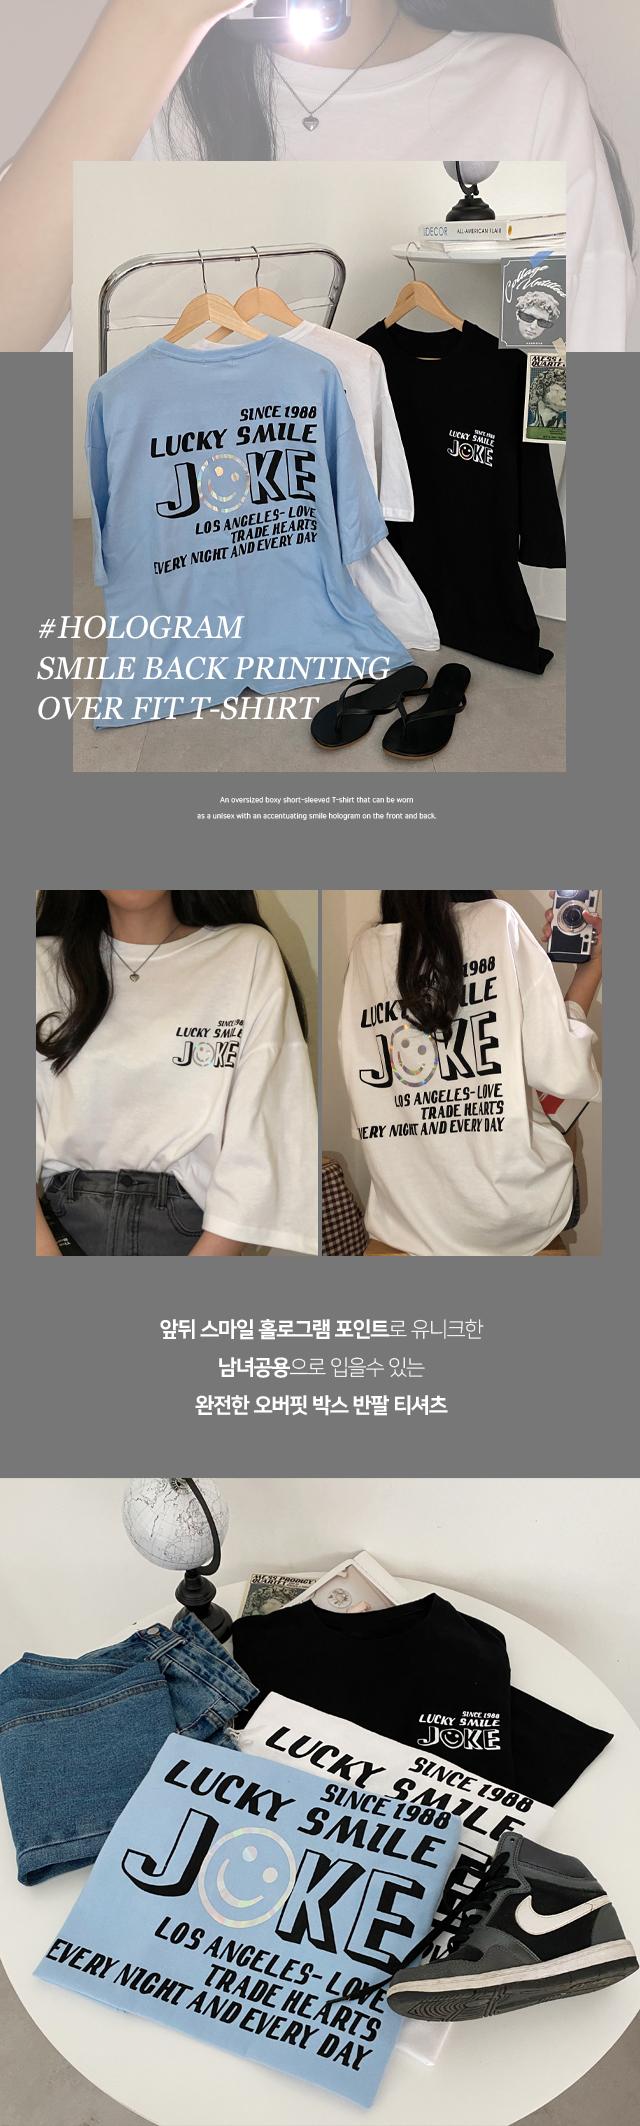 Hologram Smile Back Print Overfit T-shirt